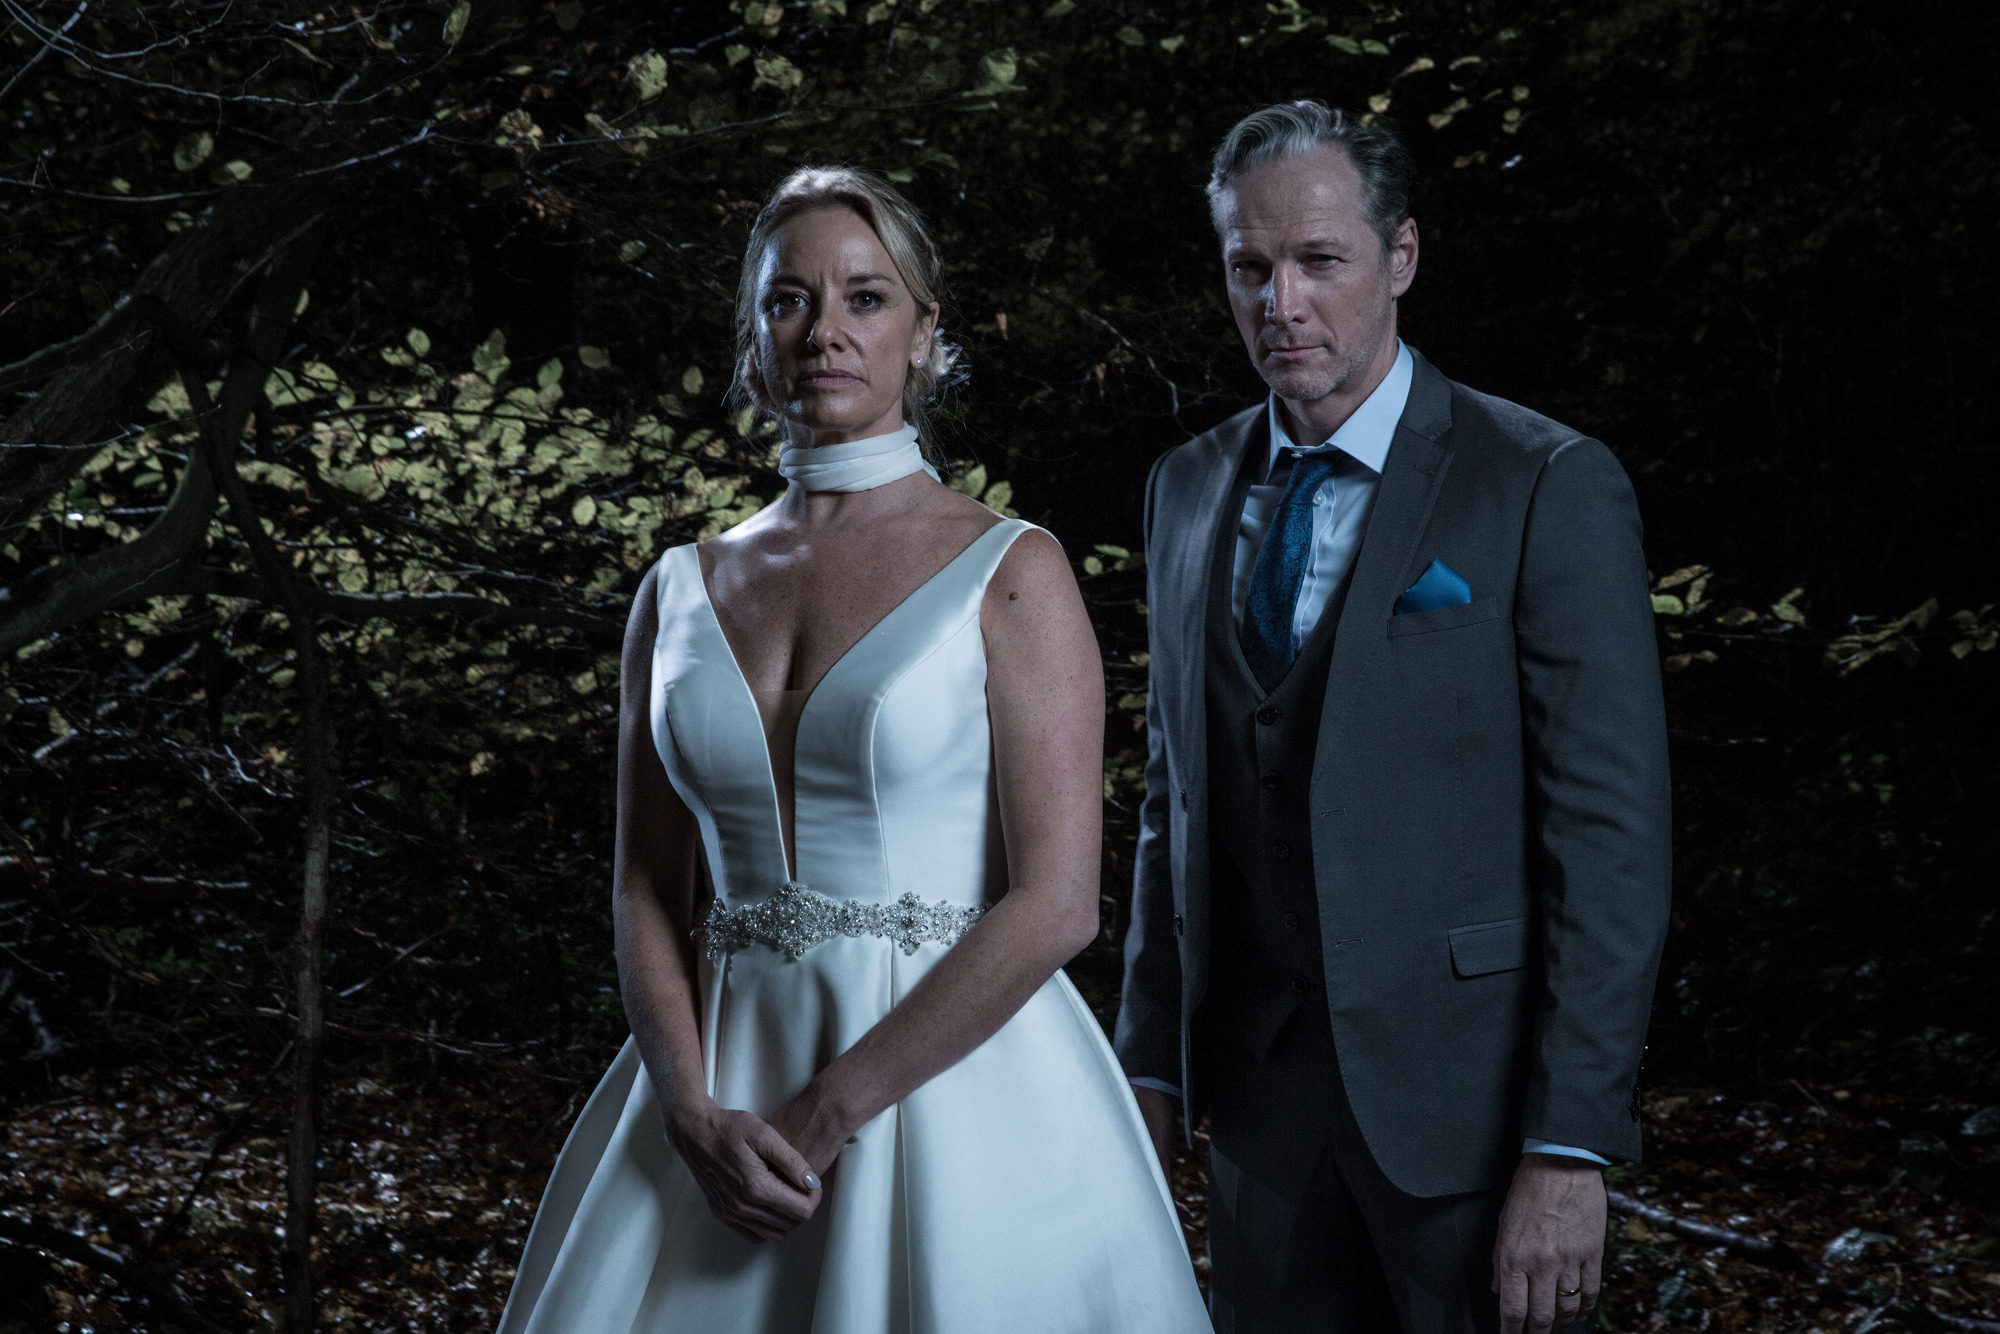 EastEnders spoilers: Who dies in shock stunts after Mel Owen and Ray Kelly's wedding?